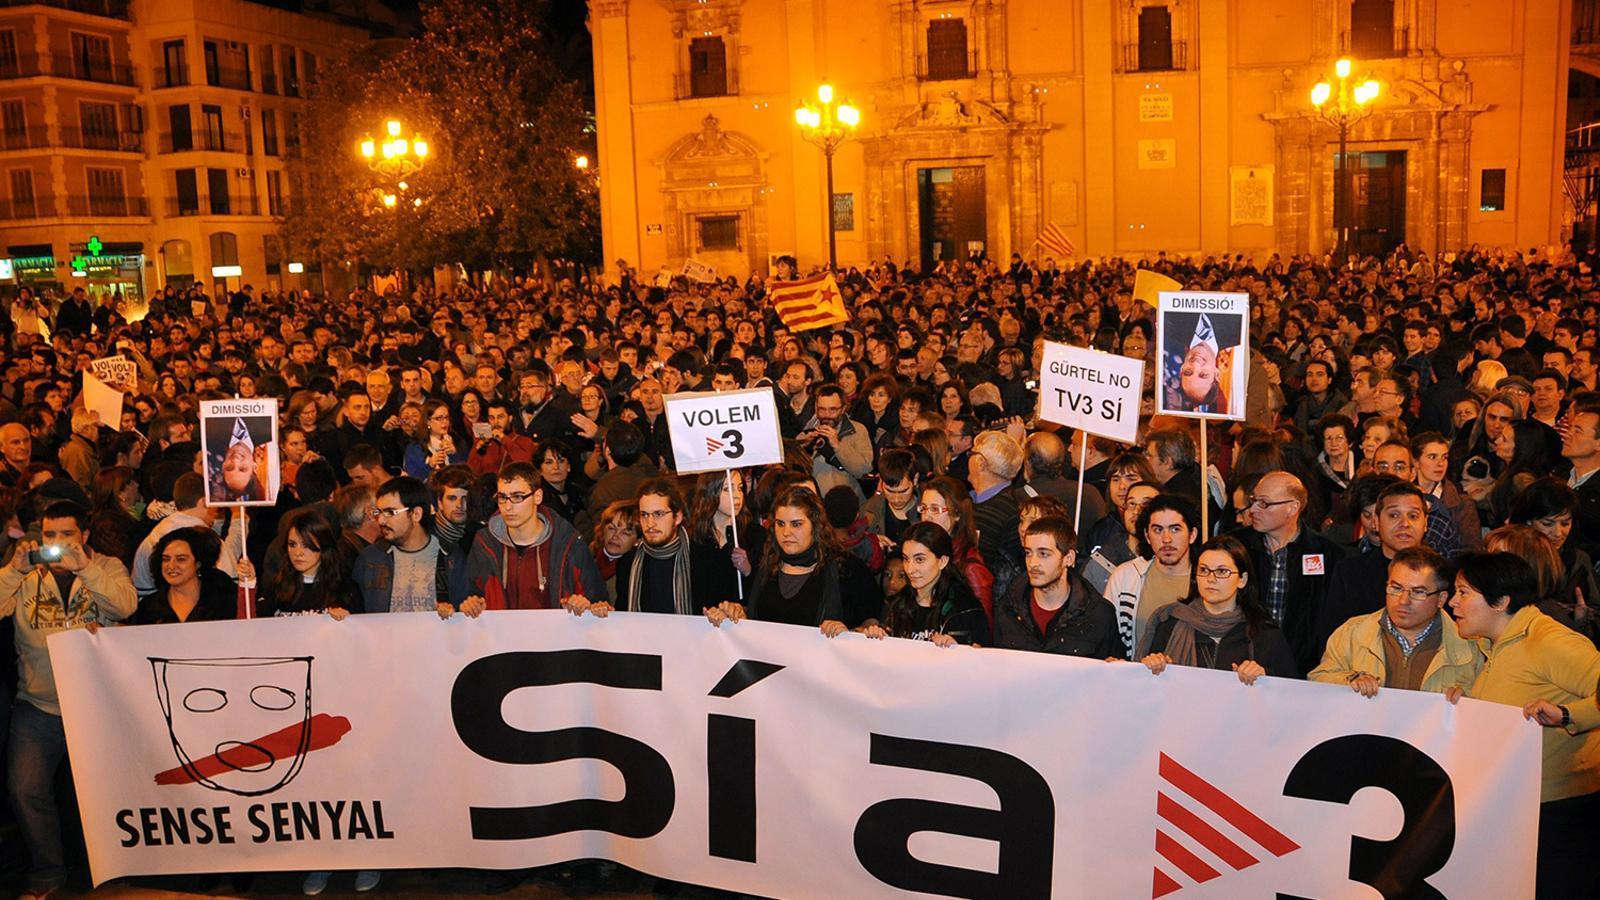 Imatge de la manifestació de l'any 2011 contra el tancament dels repetidors que permetien veure TV3 al País Valencià